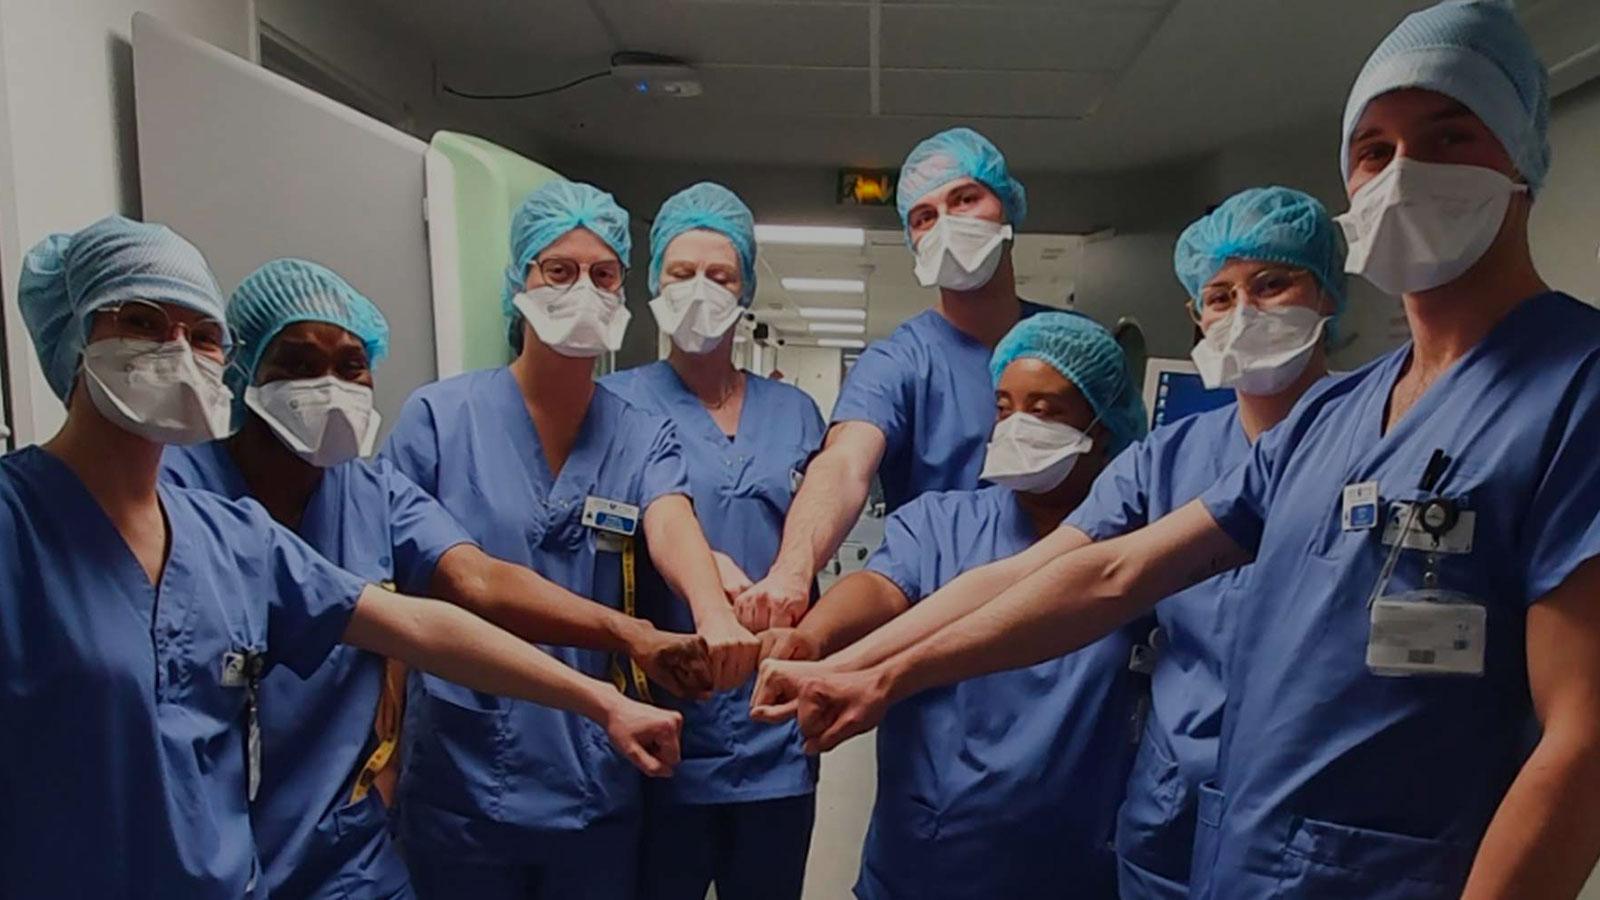 Combien de soignants sont morts du Covid-19 en France?